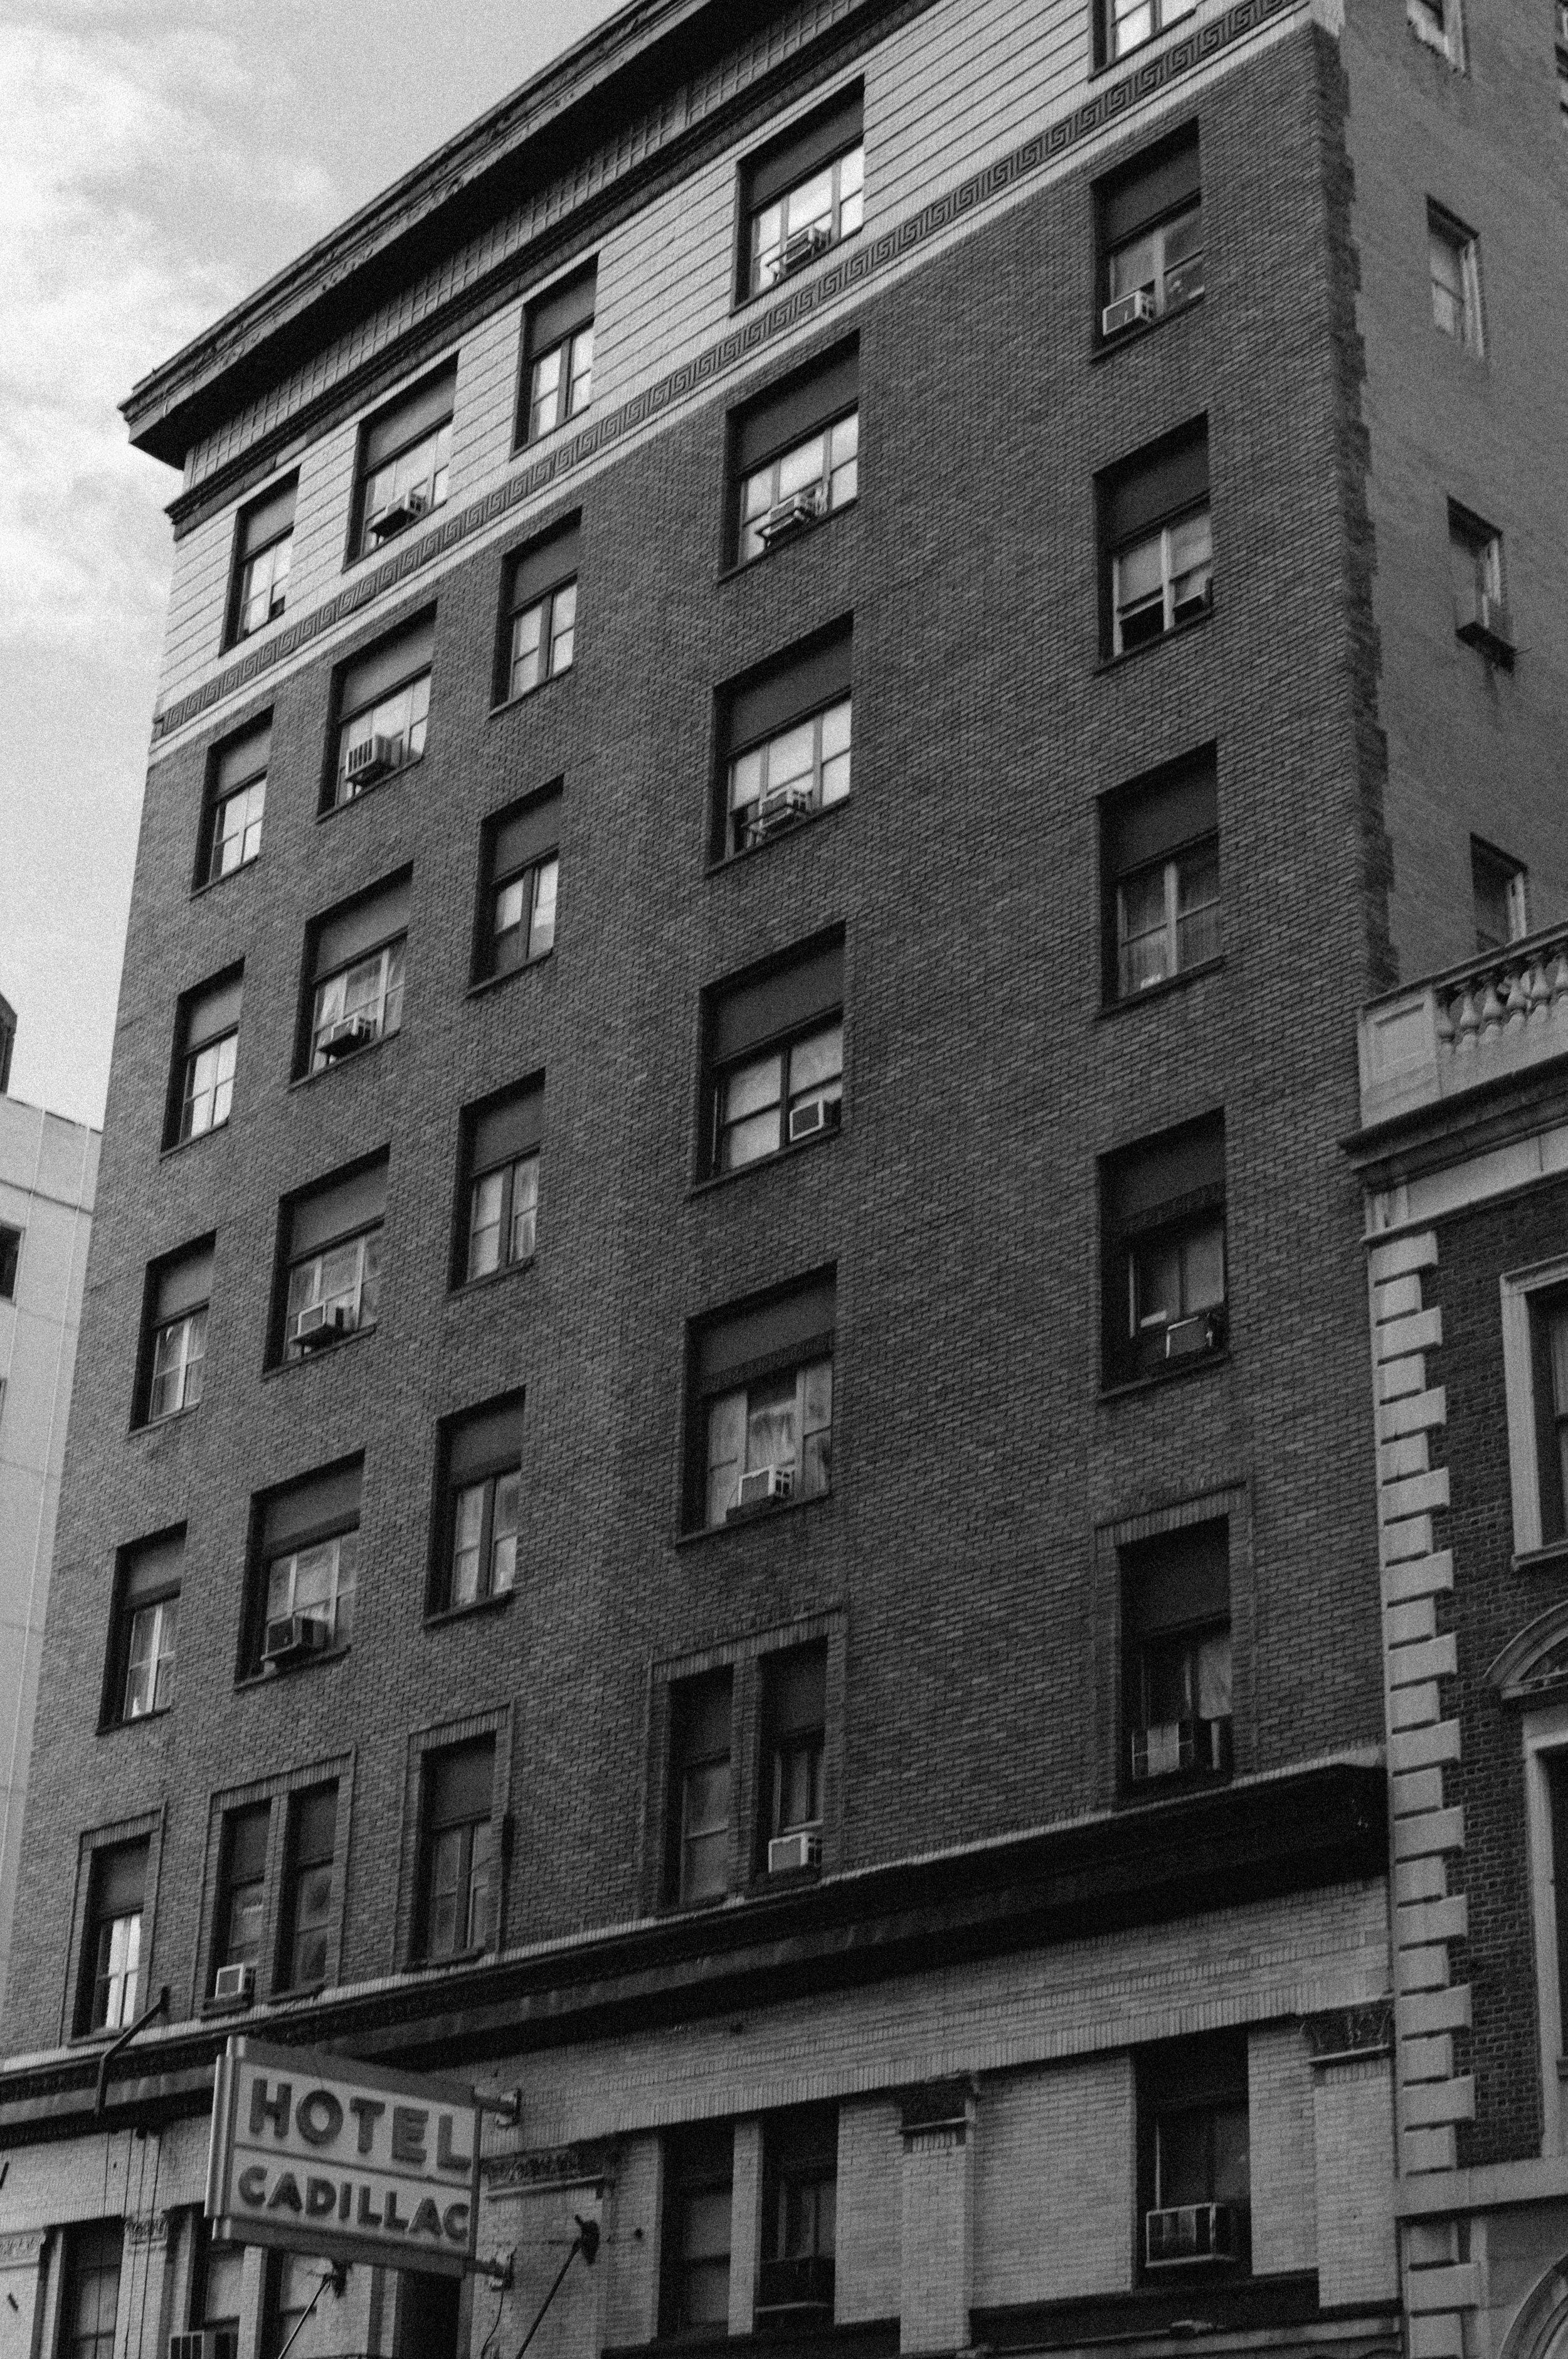 hotel cadillac bnw.JPG